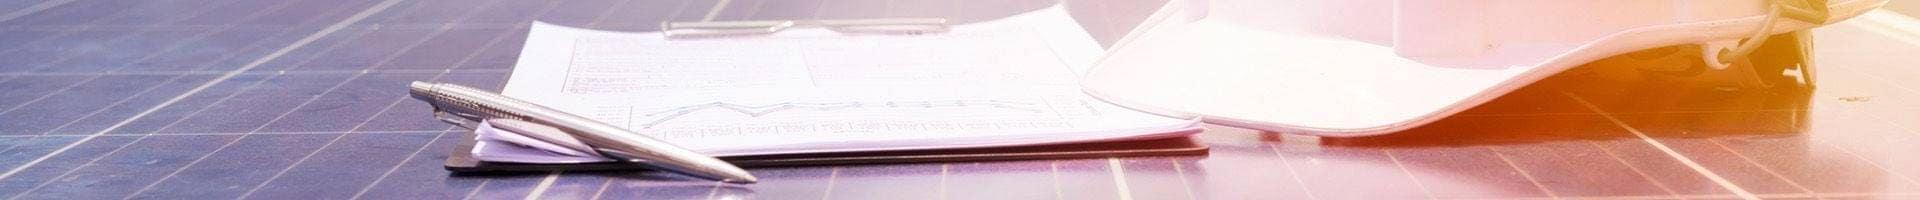 dokumenty z długopisem i kaskiem